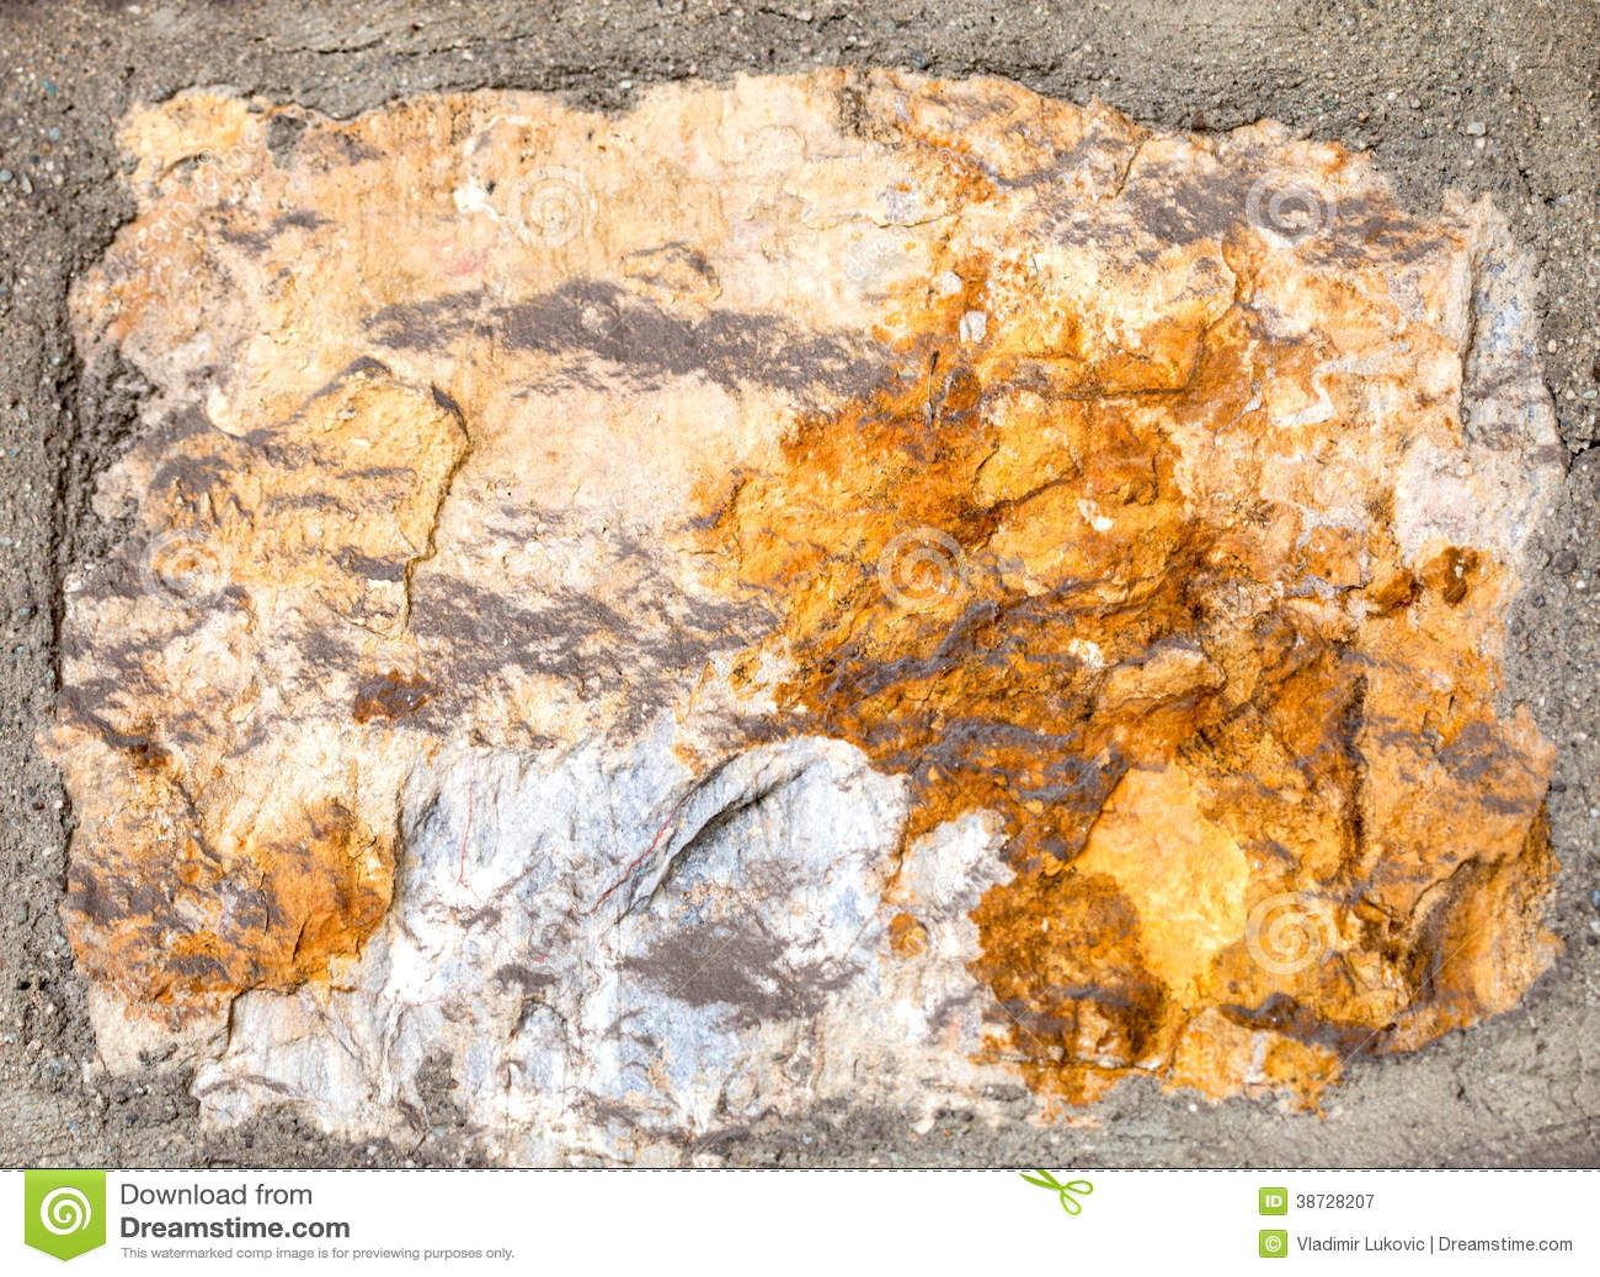 Mur de briques d coratif photographie stock libre de droits image 38728207 - Mur separateur decoratif ...